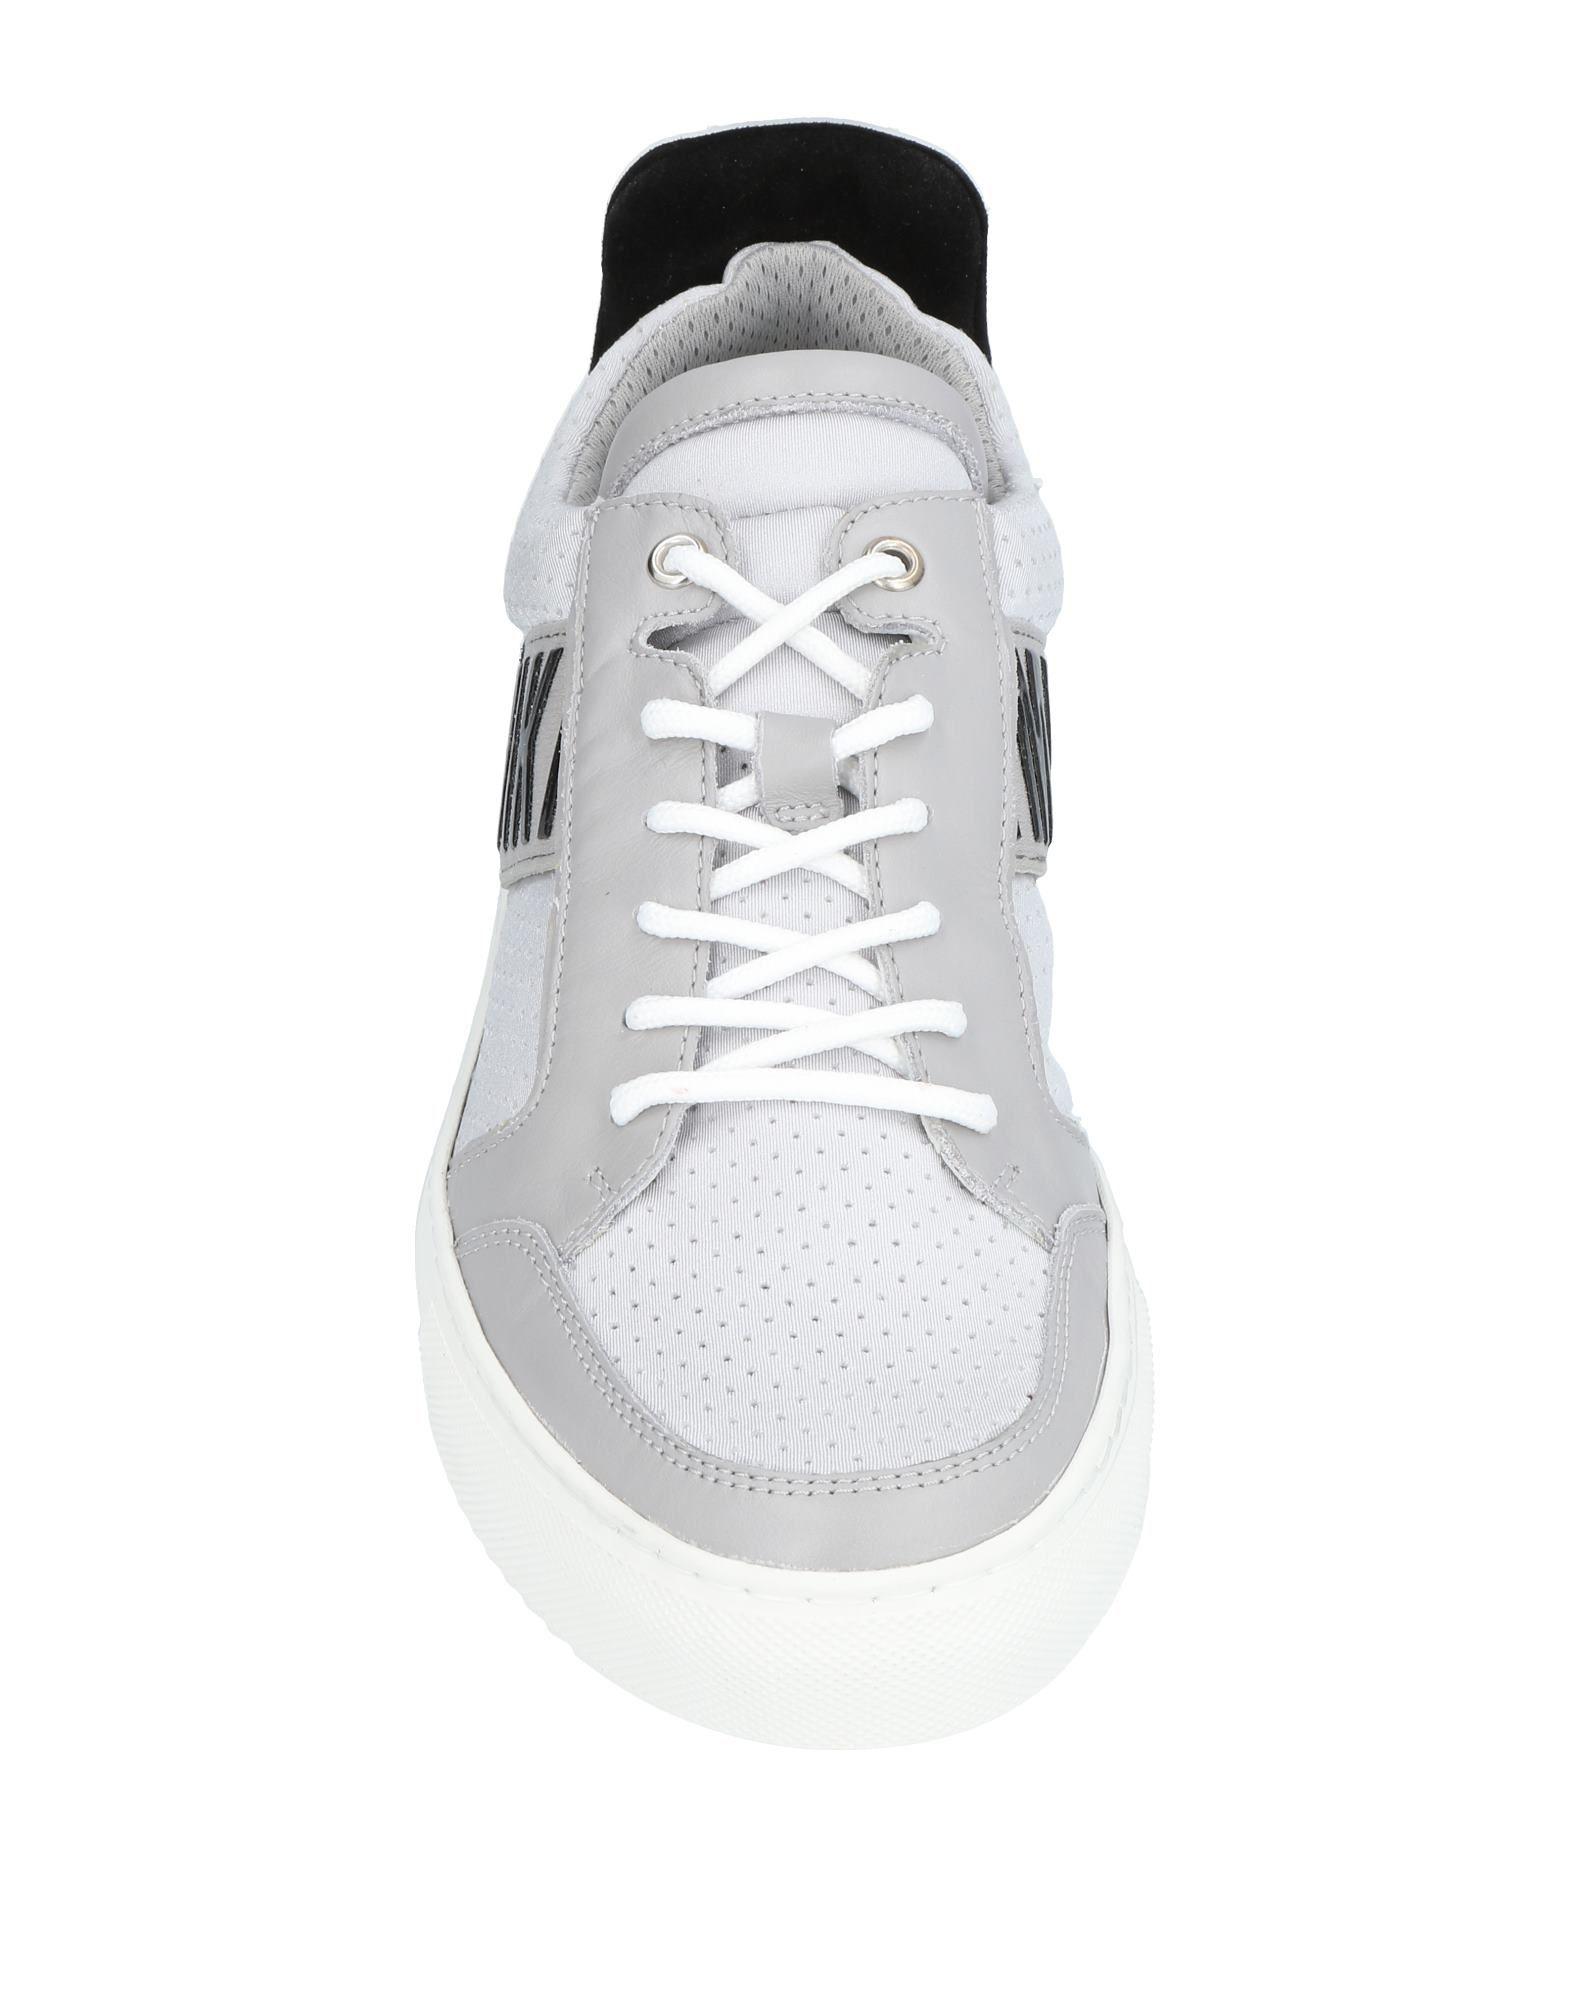 Schuhe Bikkembergs Sneakers Herren  11417891CI Heiße Schuhe  85e14a